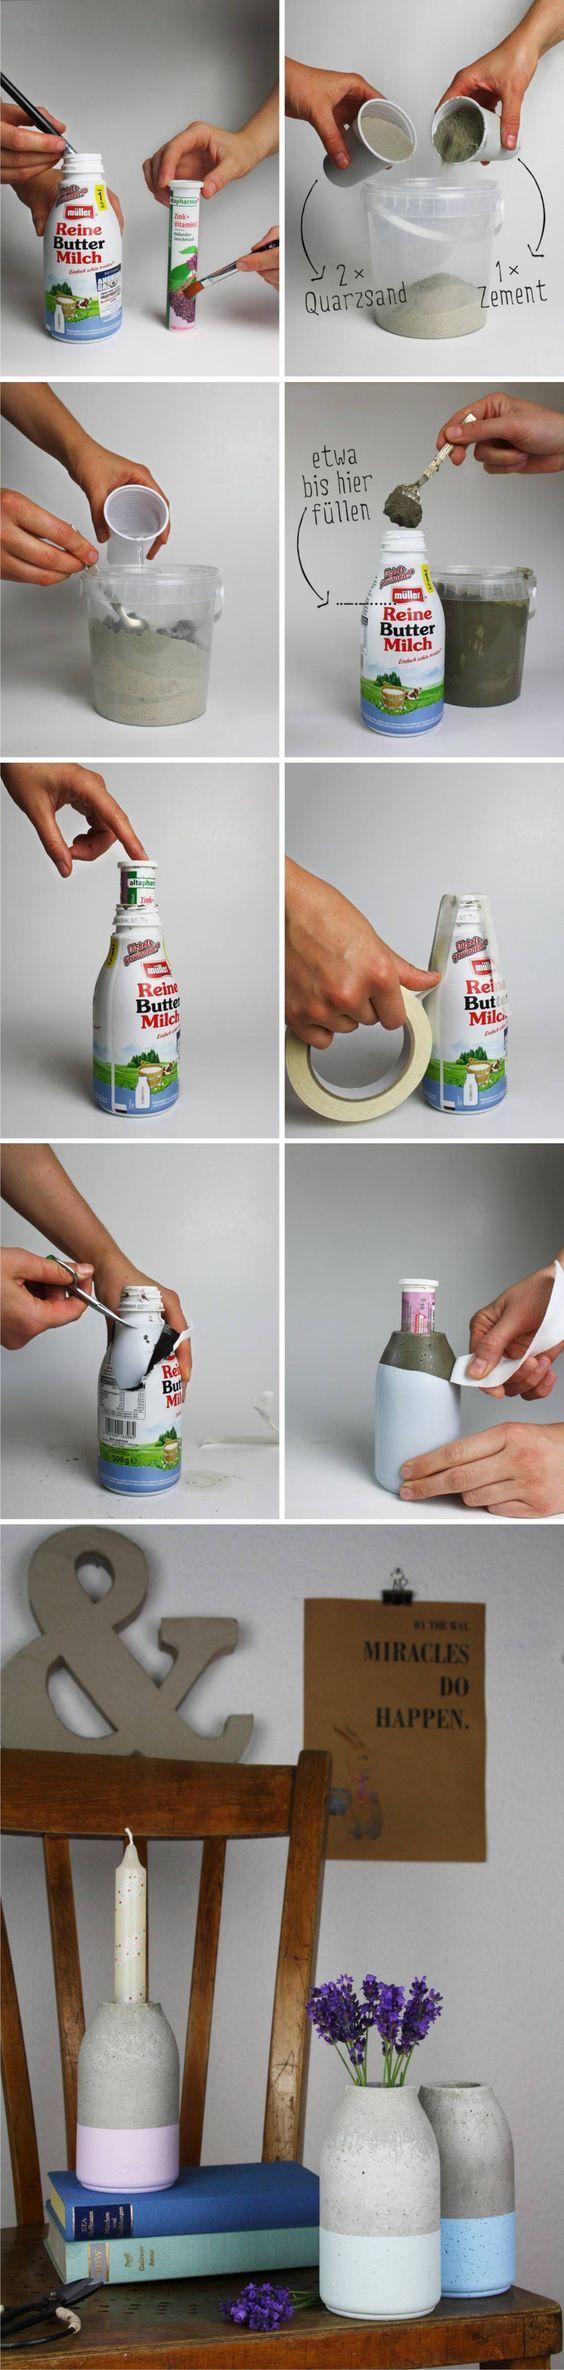 Easy Diy Minimalist Concrete Vase - hallo-piepmatz.de - Florero DIY Hormigón